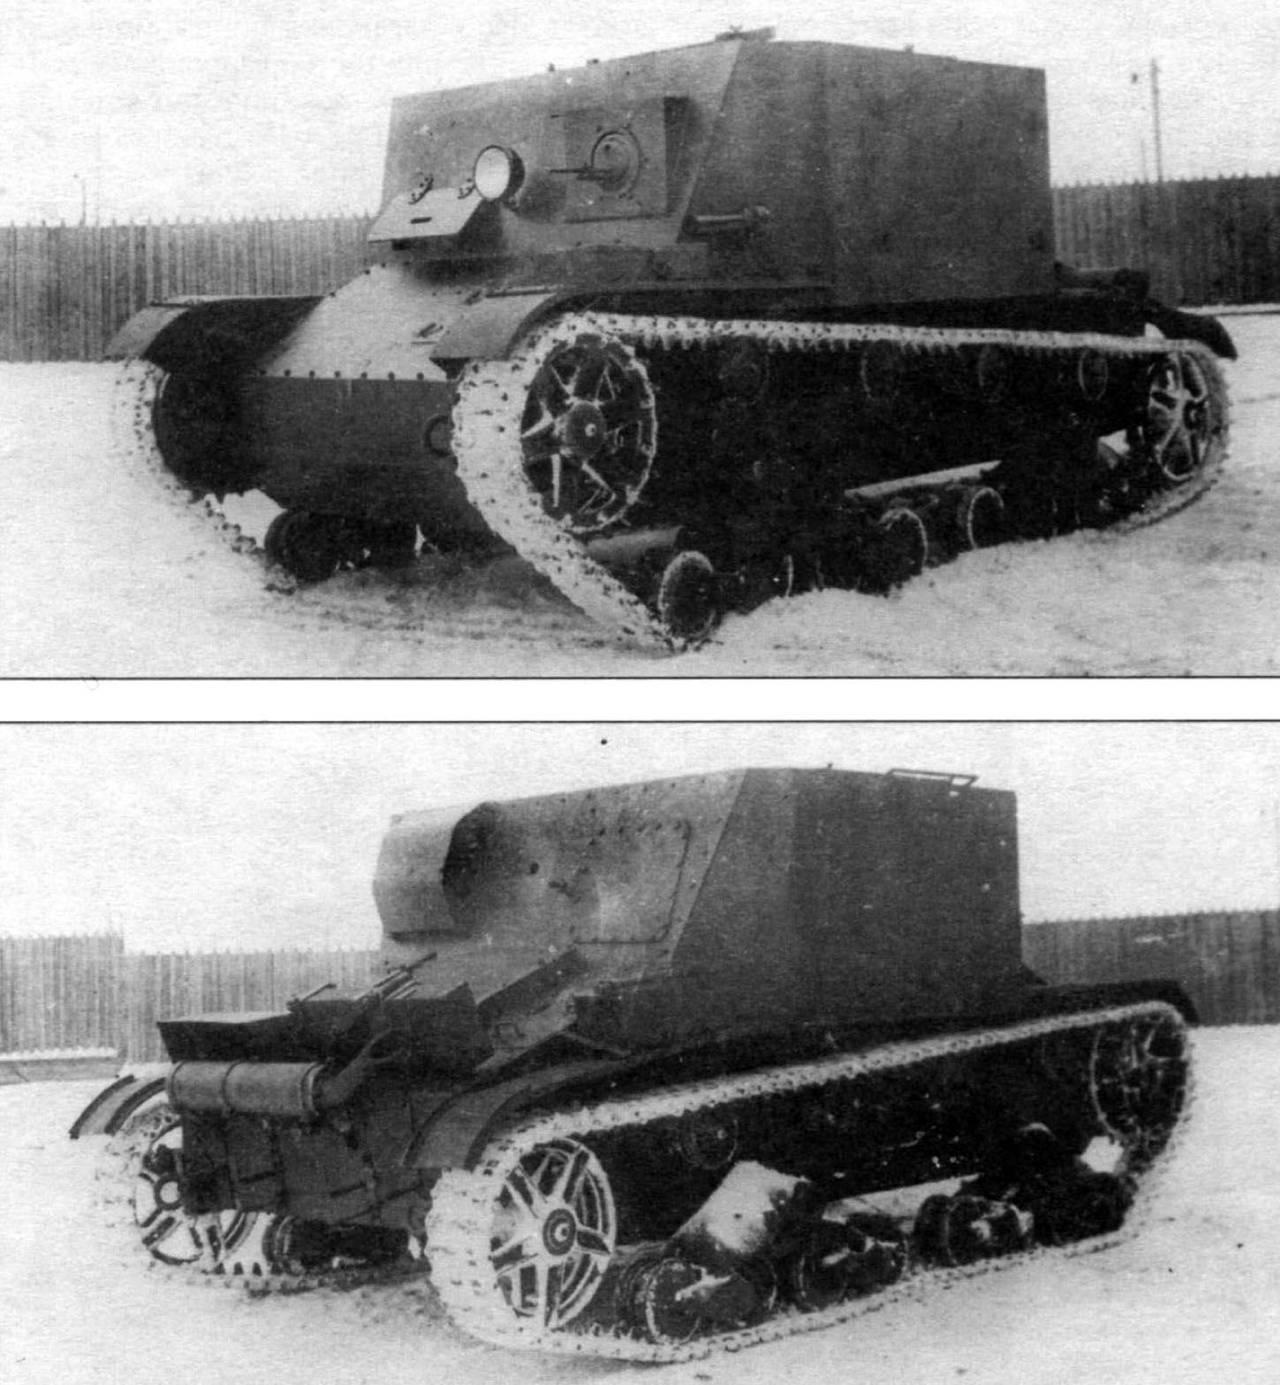 Бронетранспортер ТР-4. Тоже на базе танка Т-26